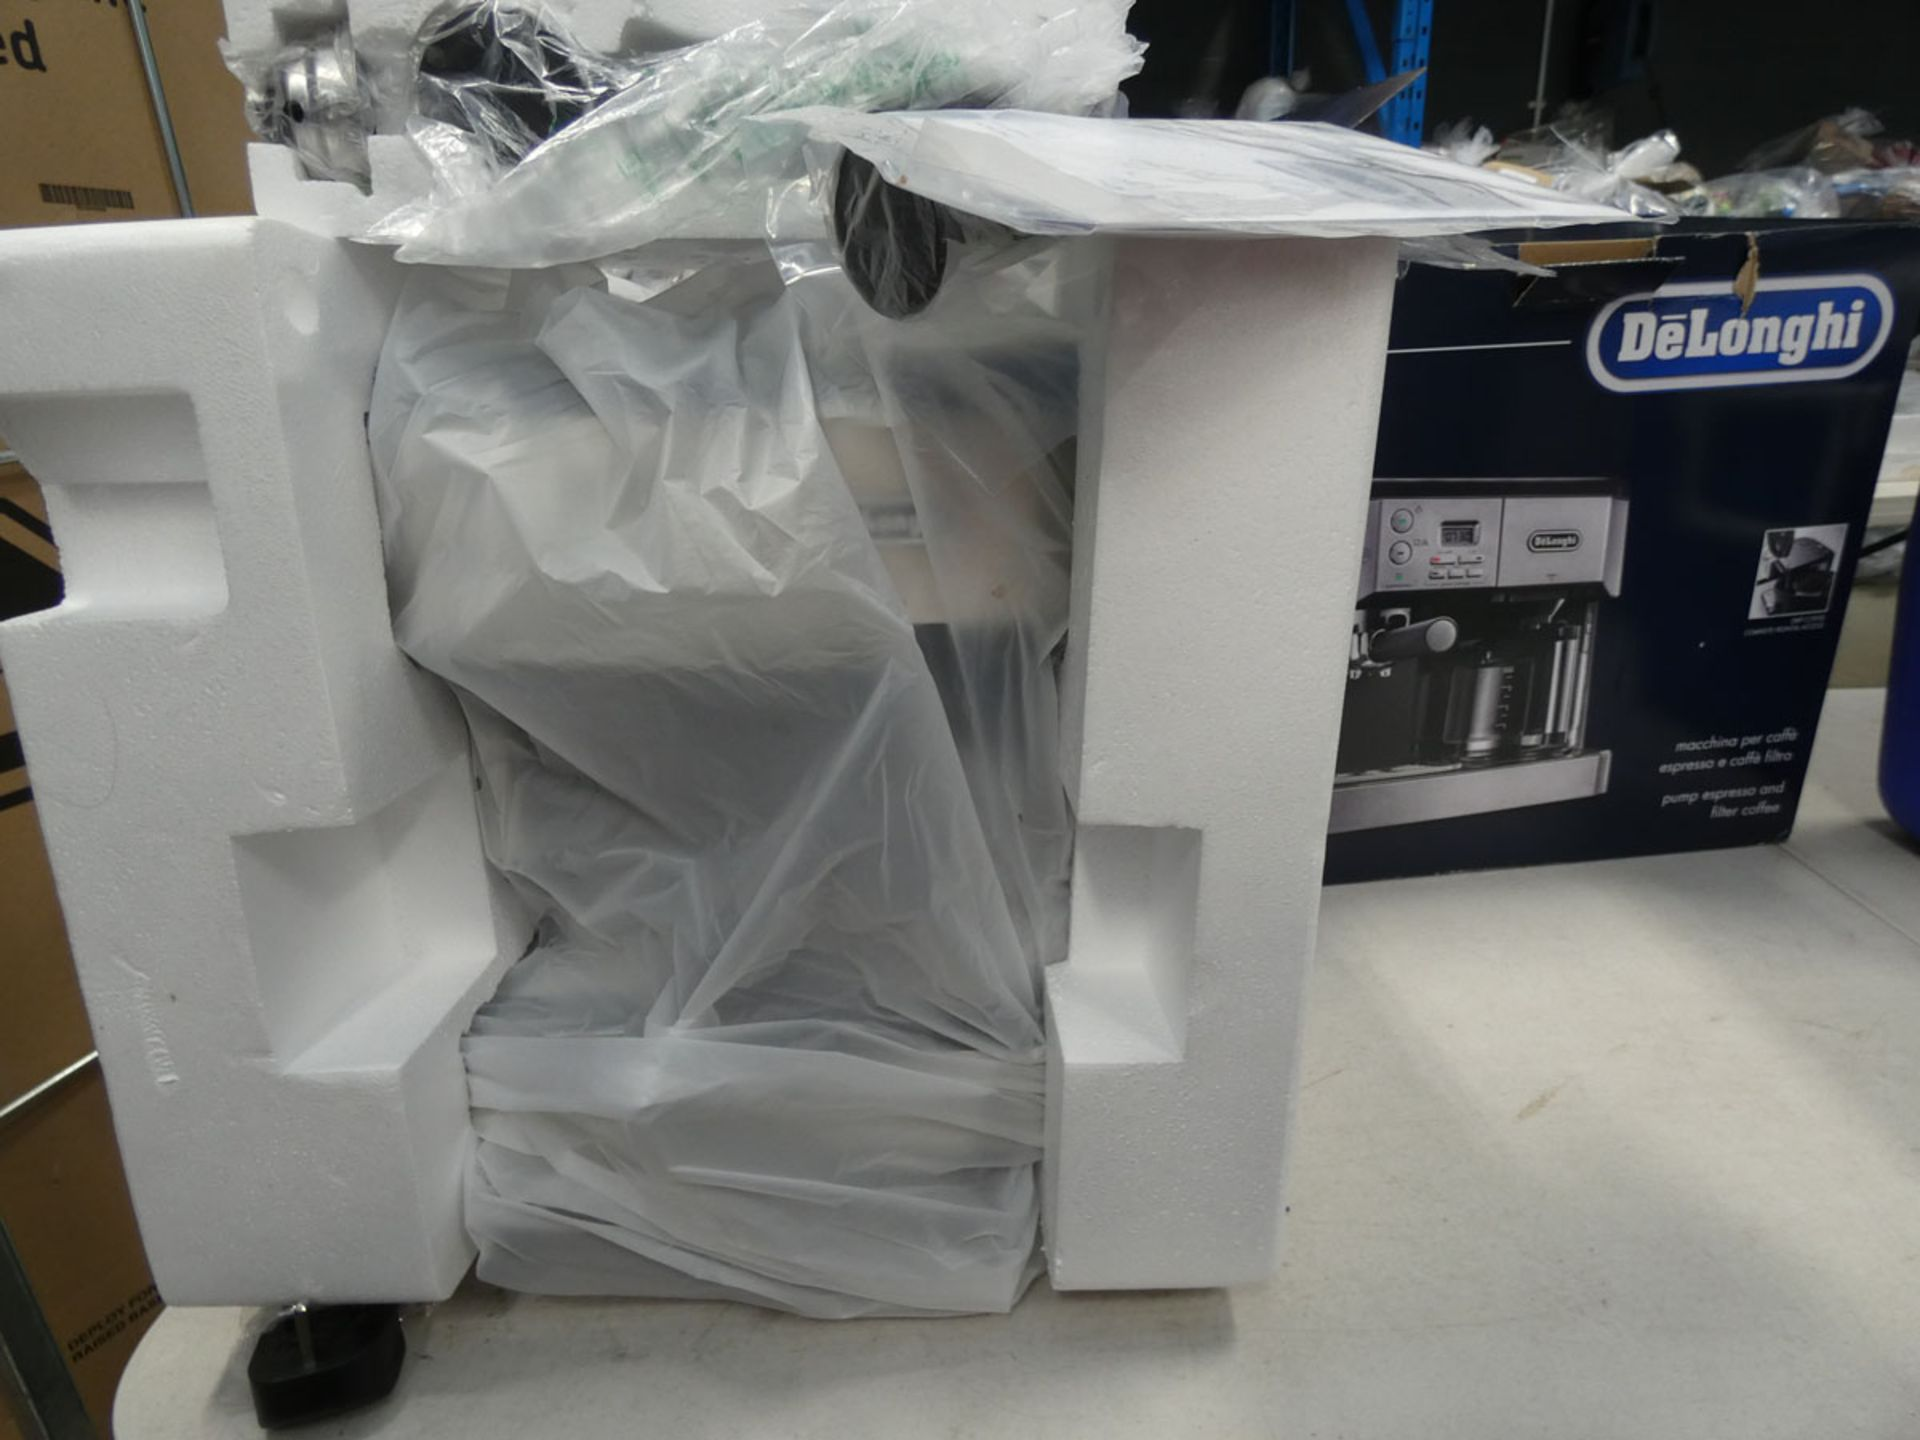 (TN53) Boxed De'Longhi Combi espresso machine